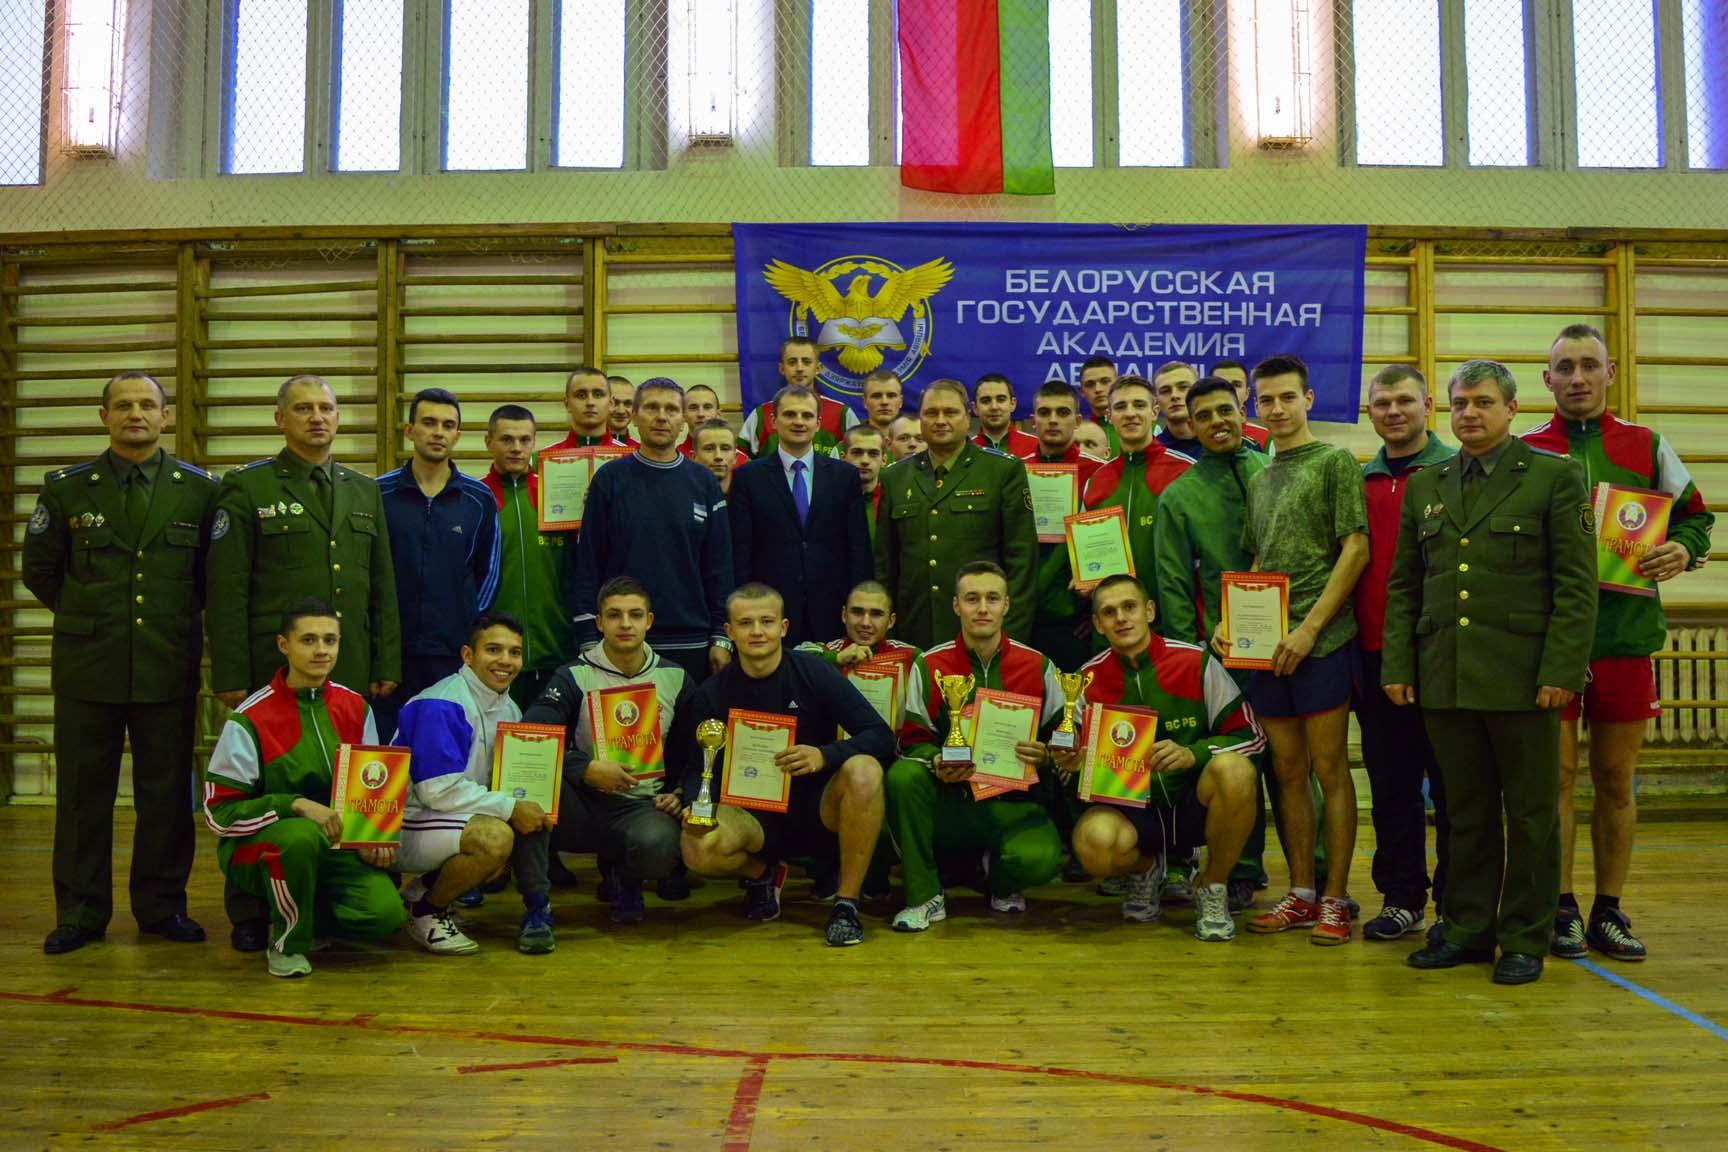 Победители и призеры соревнований